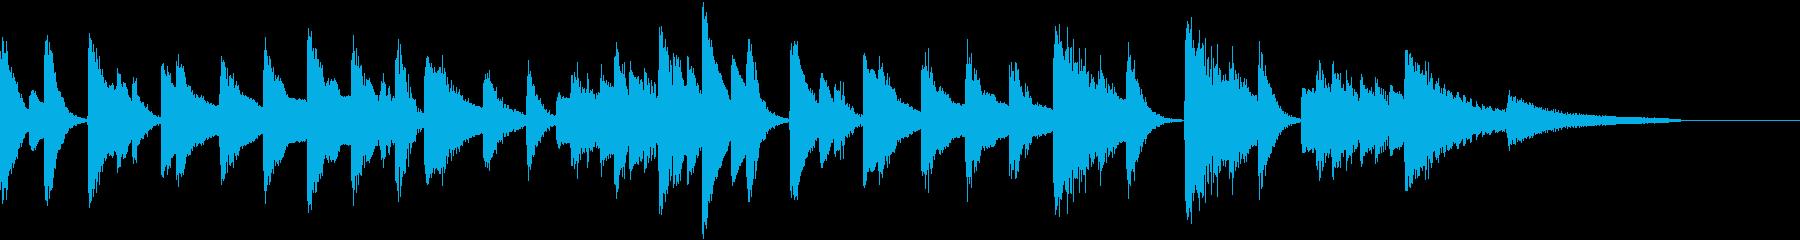 おうち時間♪ほのぼの可愛いピアノジングルの再生済みの波形